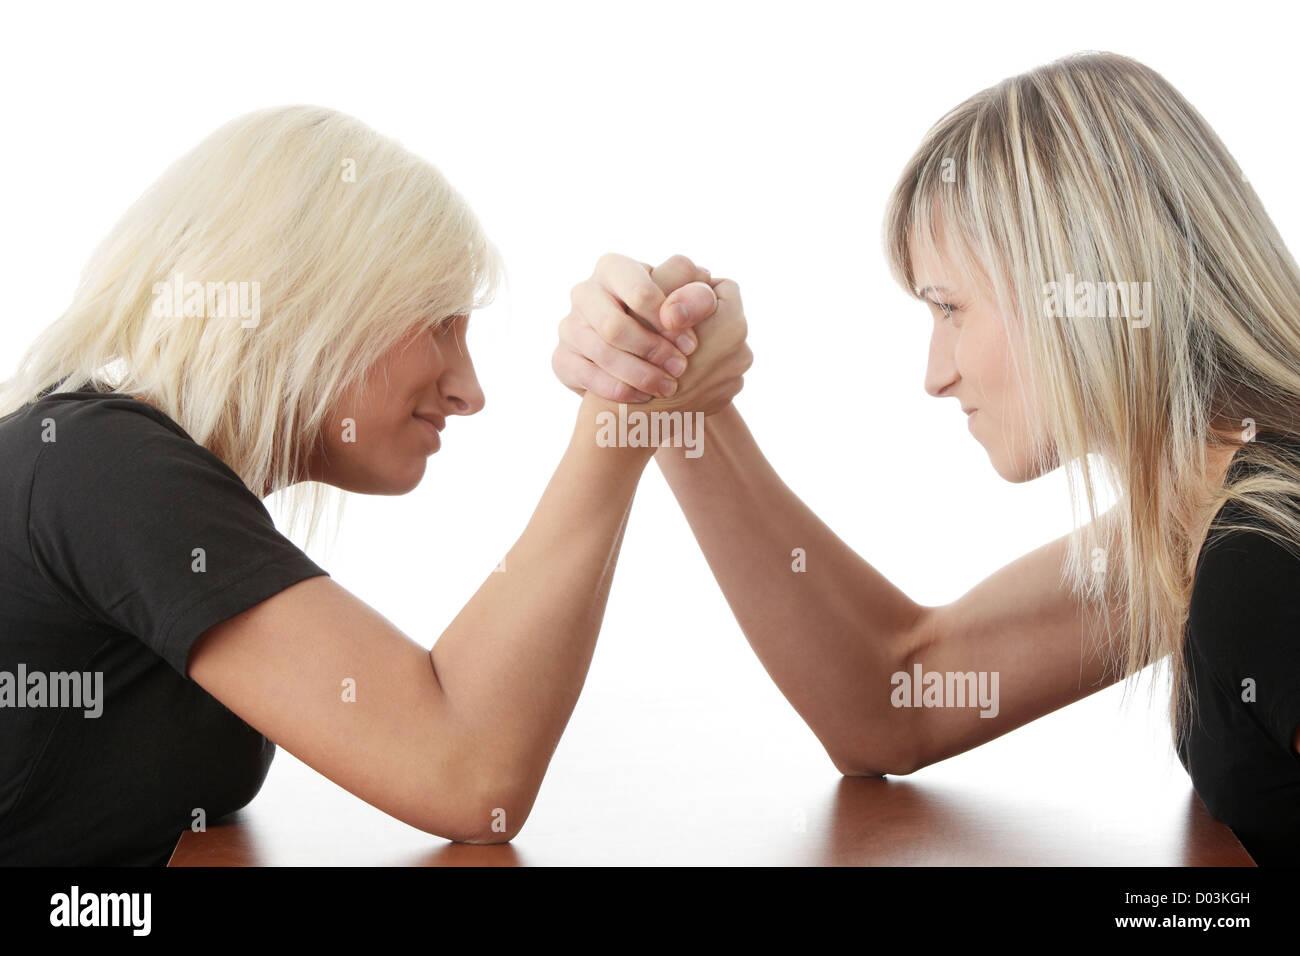 Zwei Frauen-Wettbewerb. Isoliert auf weißem Hintergrund Stockbild